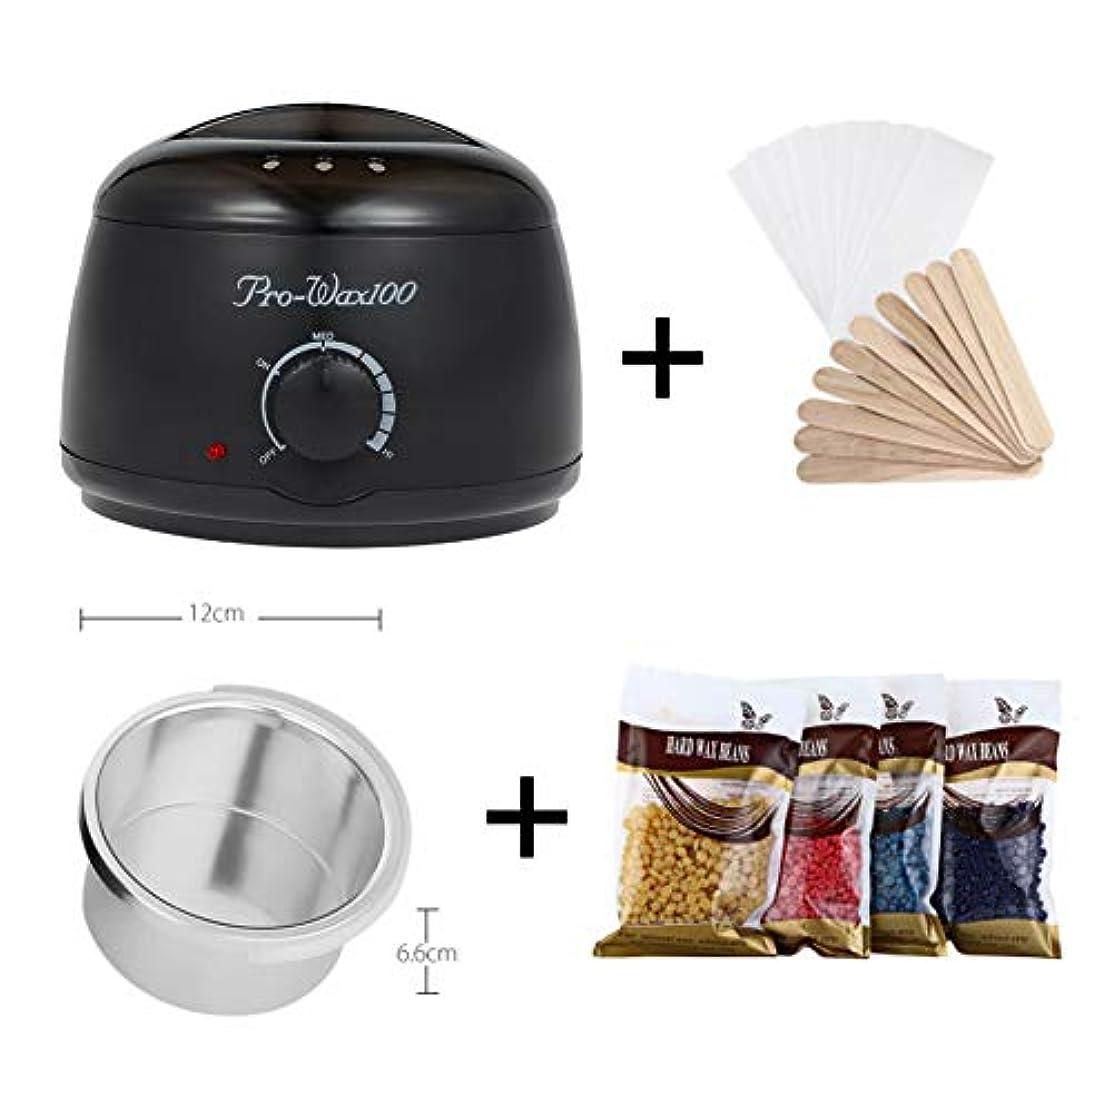 多年生十億前書きProfessional Mini Wax Heater Hair Removal Tool Epilator Wax Warmer Hand Epilator Wax Machine with Temperature Control [ プロのミニワックスヒーター脱毛ツール脱毛器ワックスウォーマーハンド脱毛器ワックス温度制御付き ]